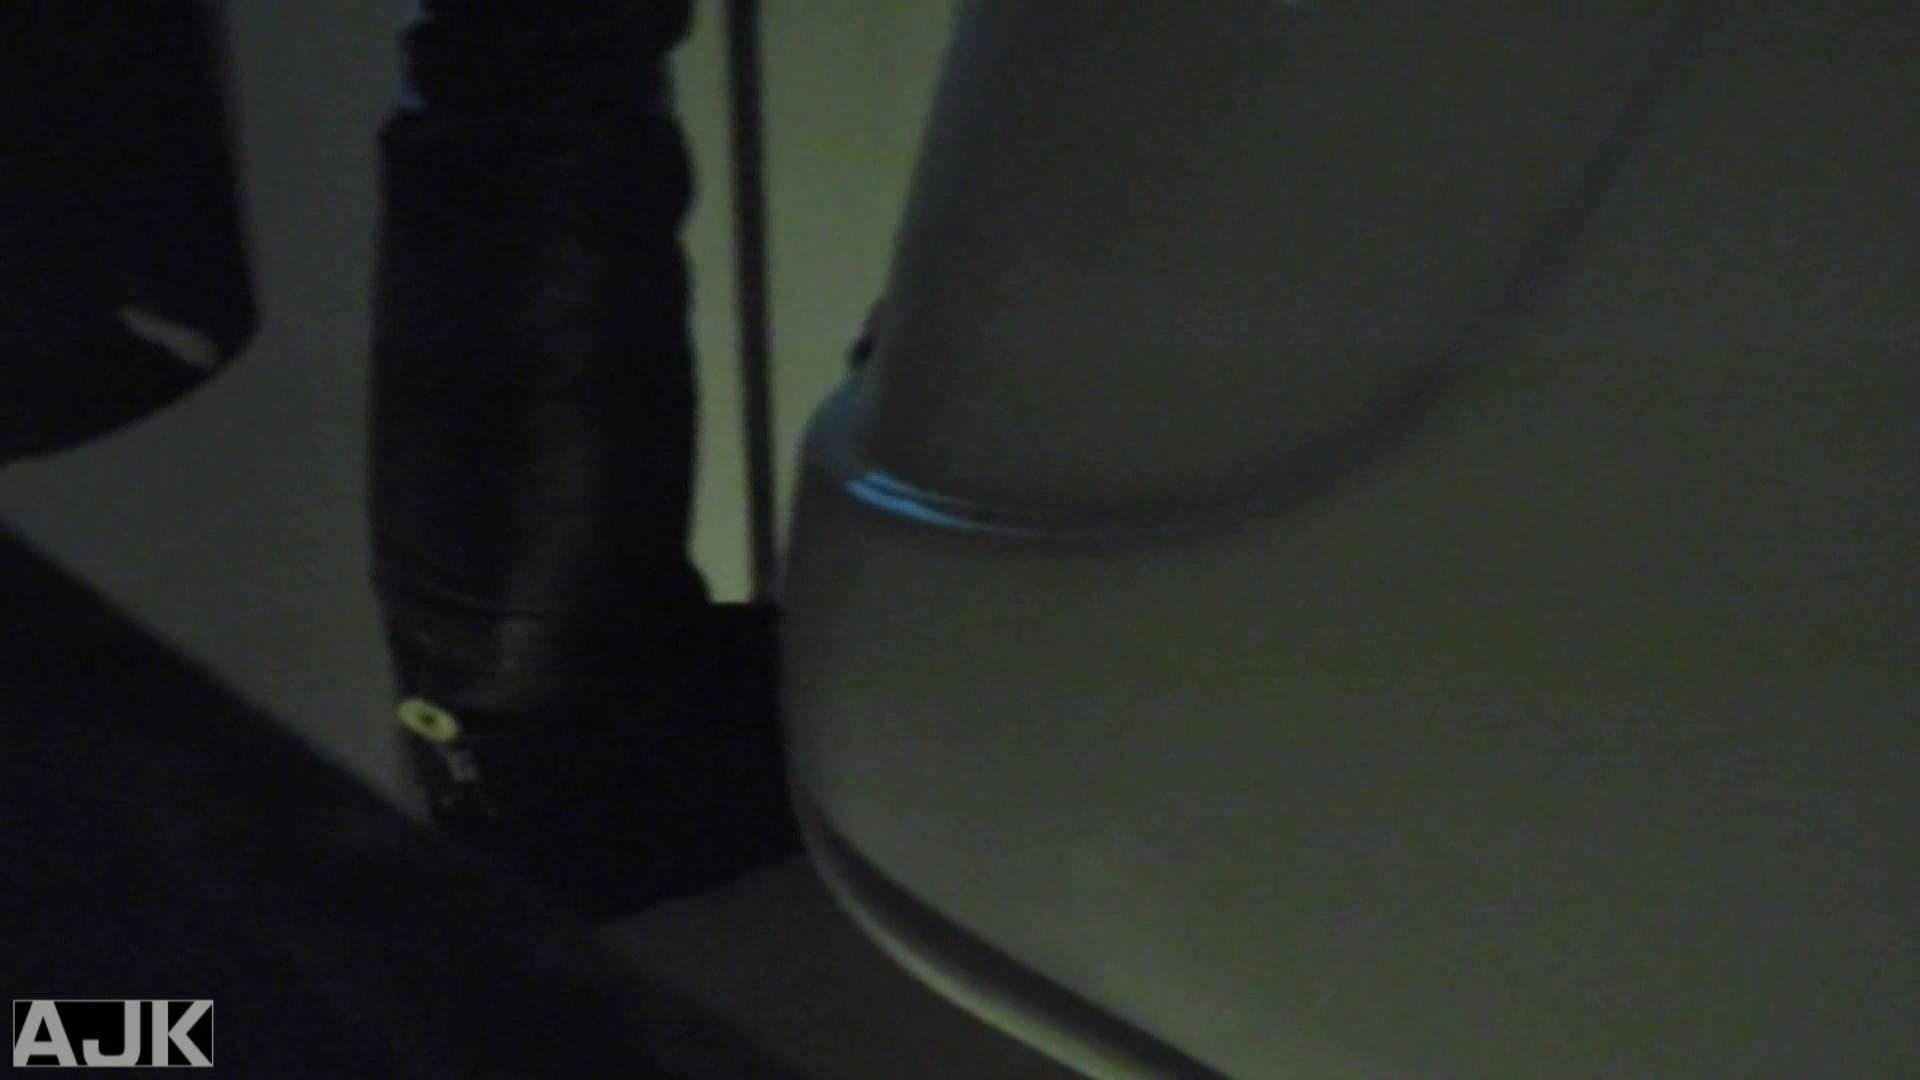 神降臨!史上最強の潜入かわや! vol.22 肛門丸見え のぞき動画画像 96pic 69